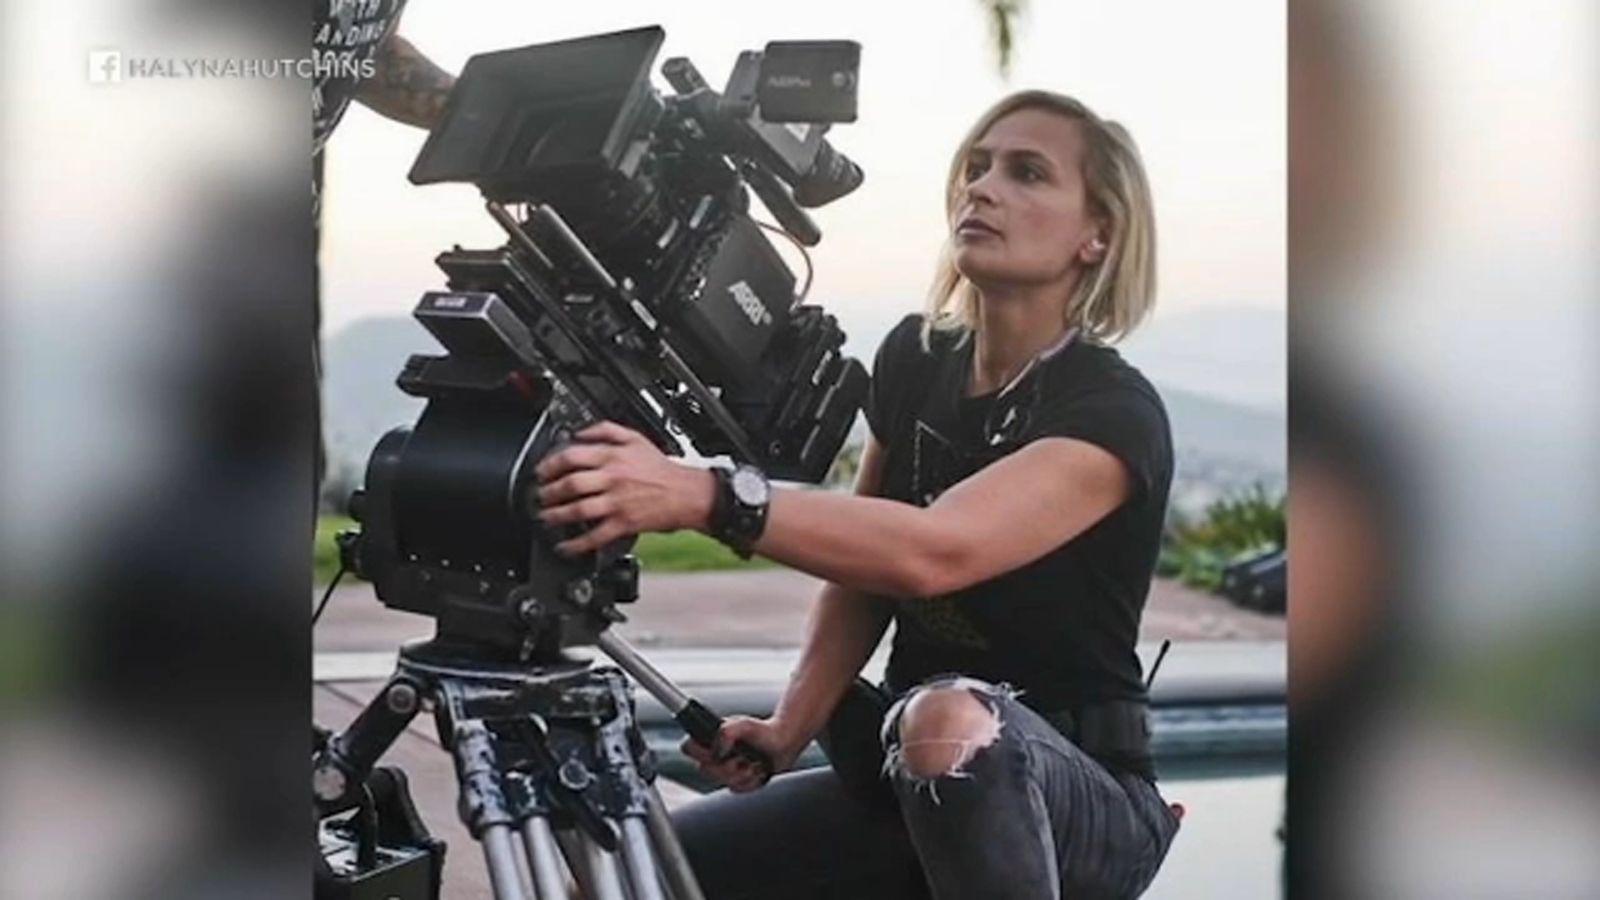 La directora de fotografía Halyna Hutchins murió en un set de rodaje cuando Alec Baldwin disparó un arma de fuego de utilería el 21 de octubre de 2021.